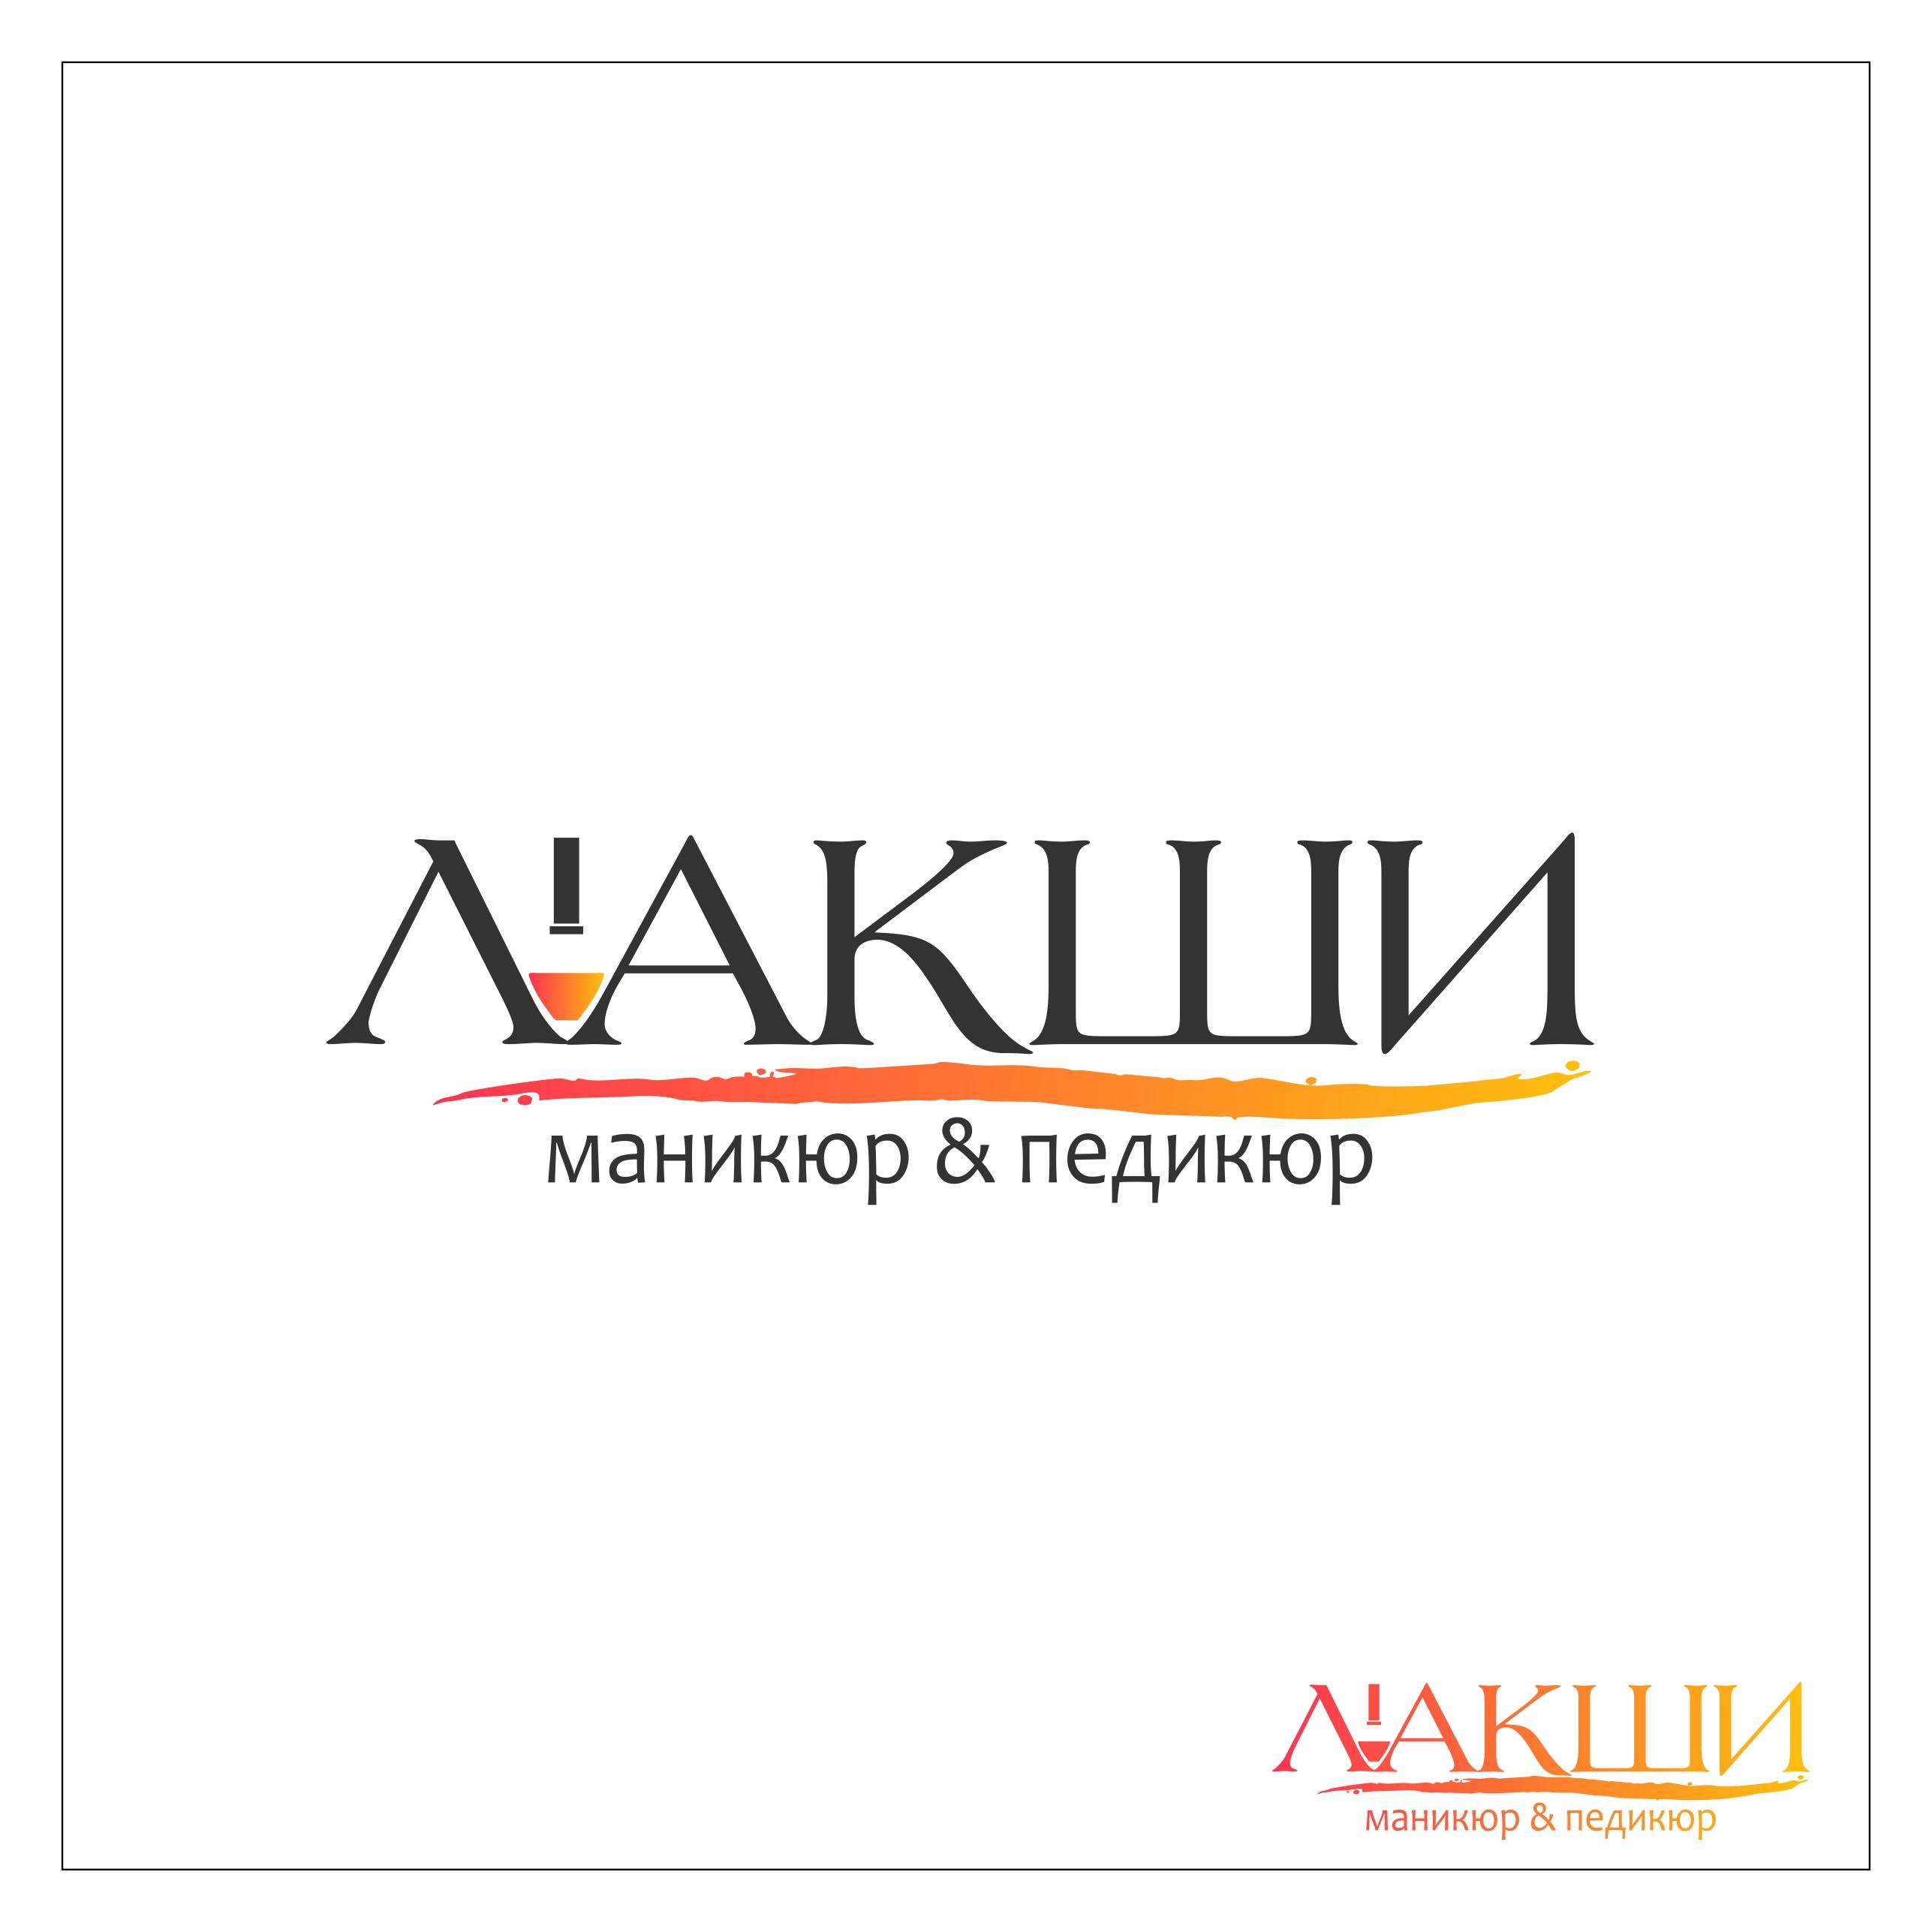 Разработка логотипа фирменного стиля фото f_8585c5801dbaab5e.jpg